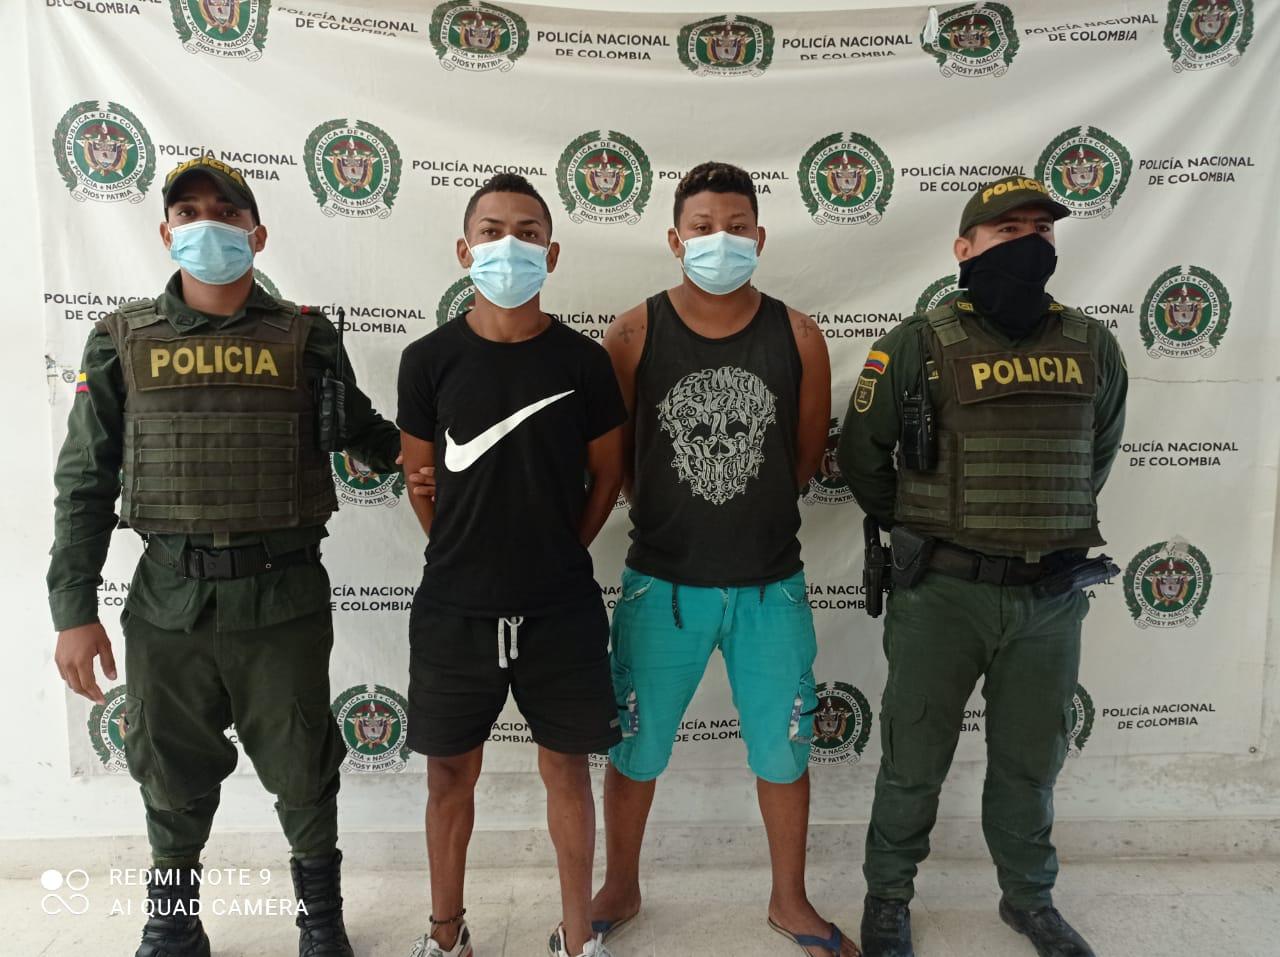 hoyennoticia.com, En Riohacha: A la fuerza se metieron a una casa para despojar a sus ocupantes de sus pertenencias